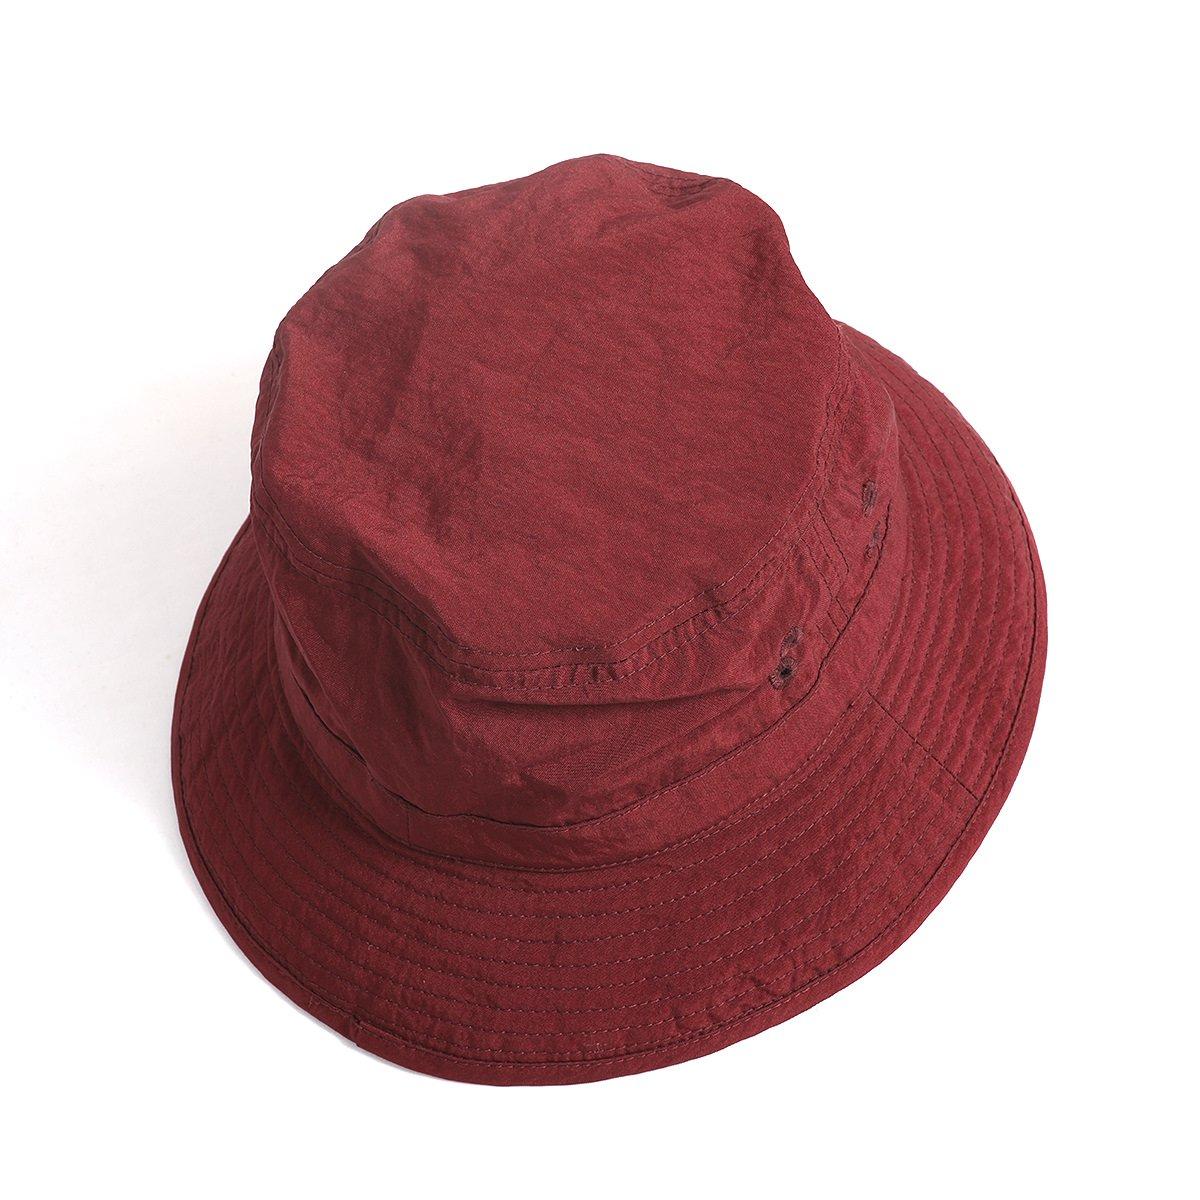 【KIDS】Laugh Mat Hat 詳細画像6